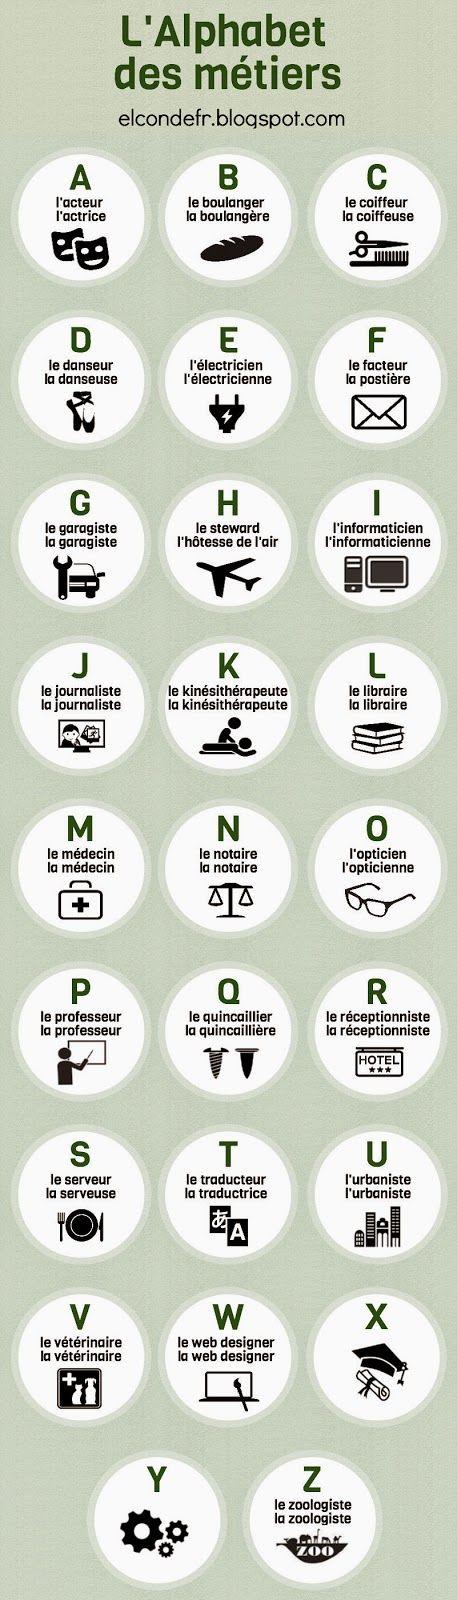 El Conde. fr: L'alphabet des métiers